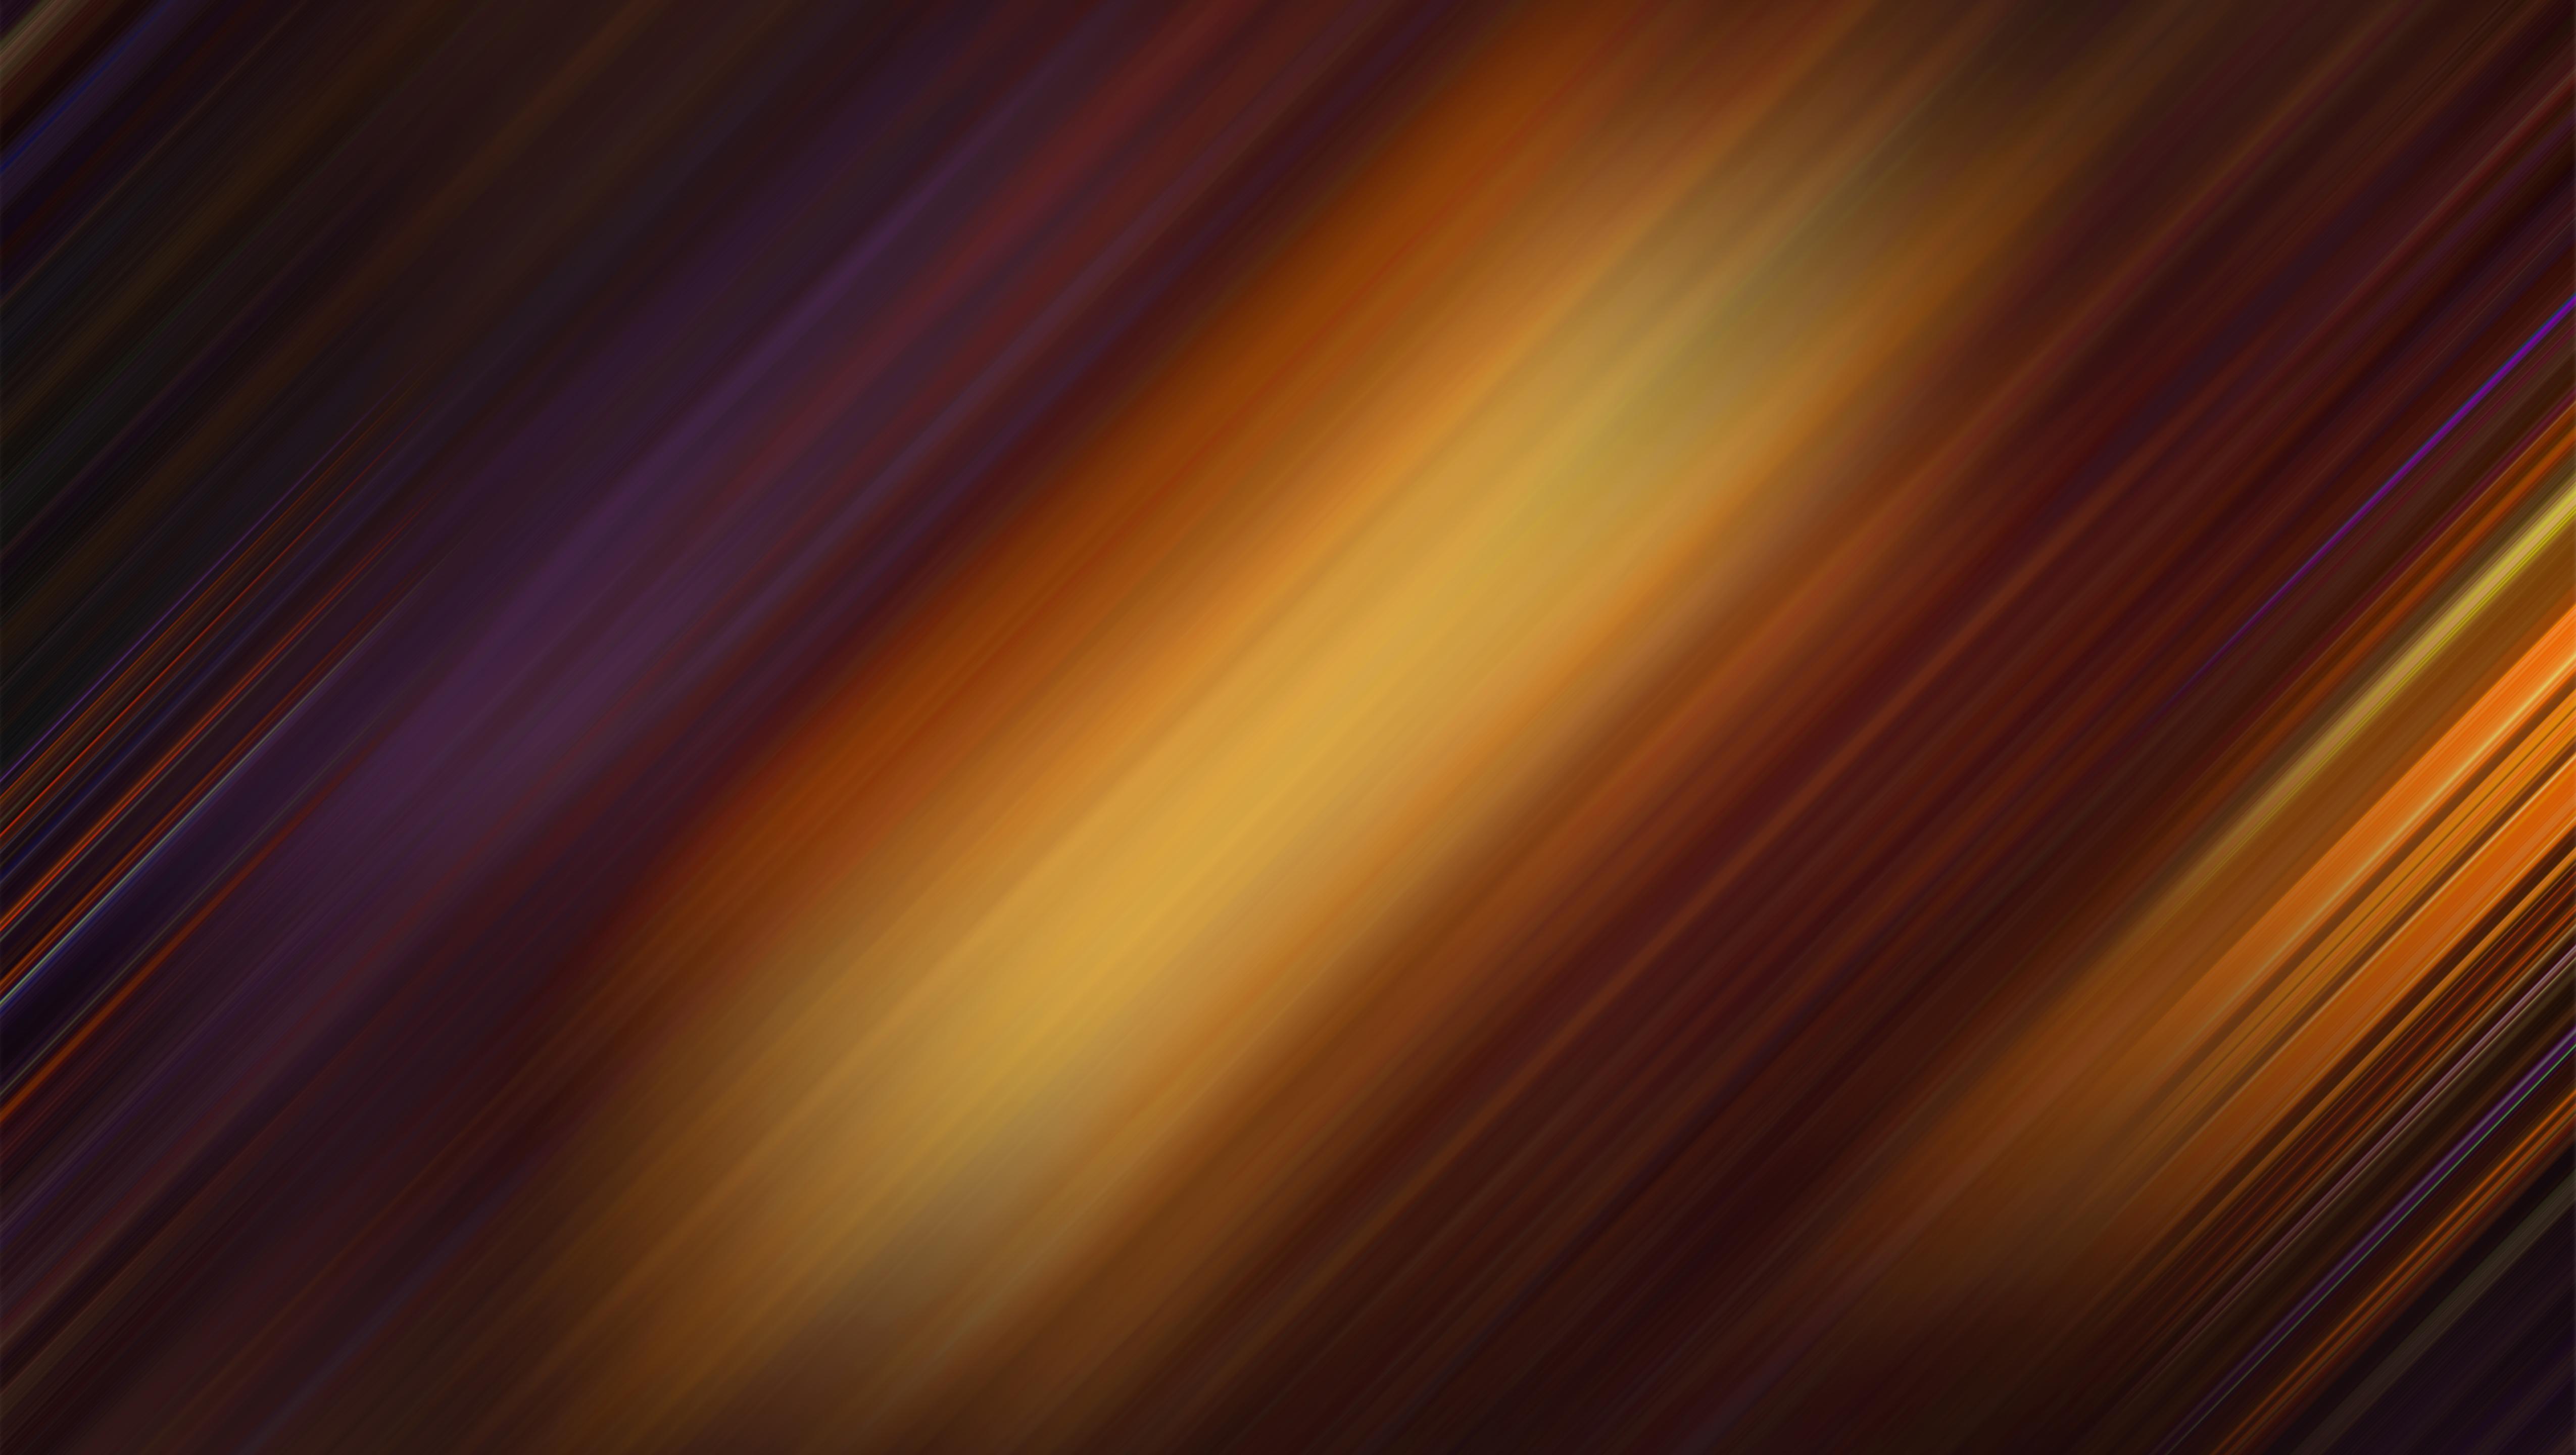 92189 скачать обои Абстракция, Градиент, Полосы, Наискось, Разноцветный - заставки и картинки бесплатно